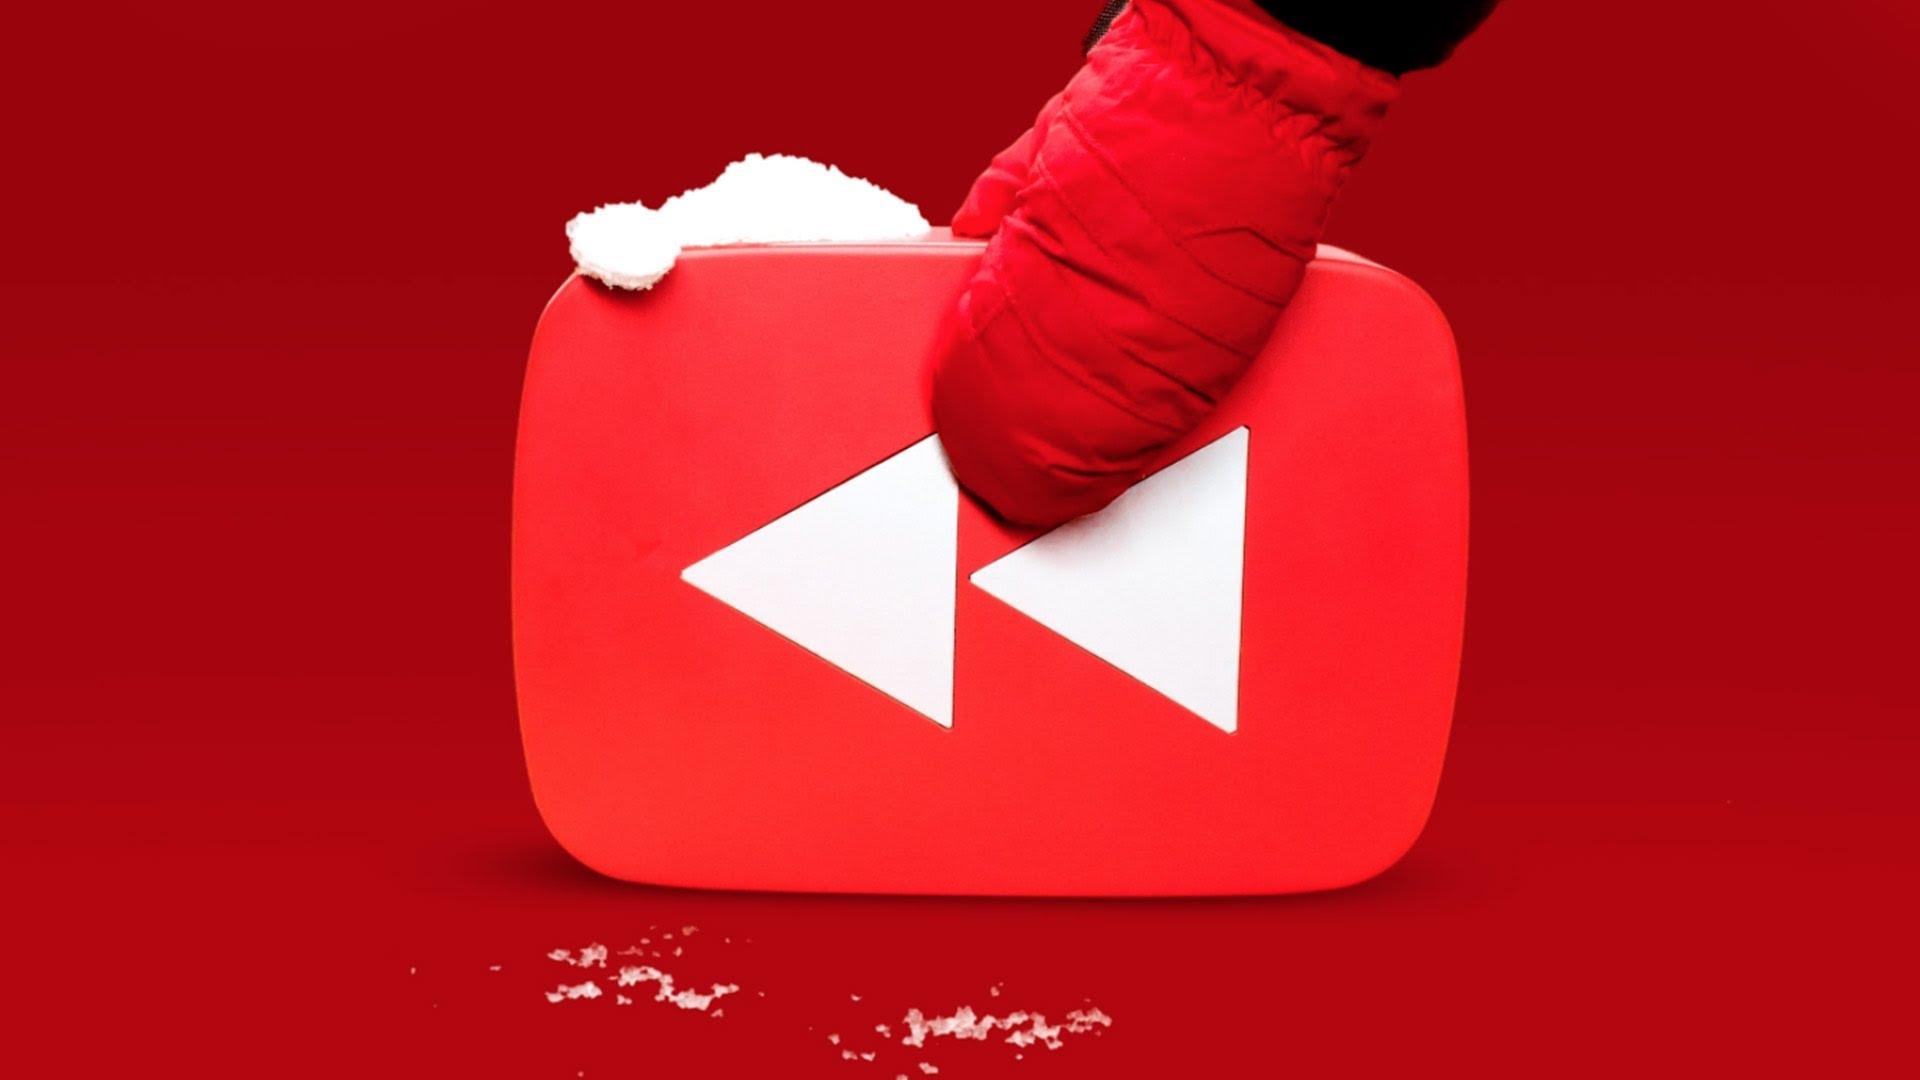 Le Top 10 des vidéos vues sur YouTube en 2014